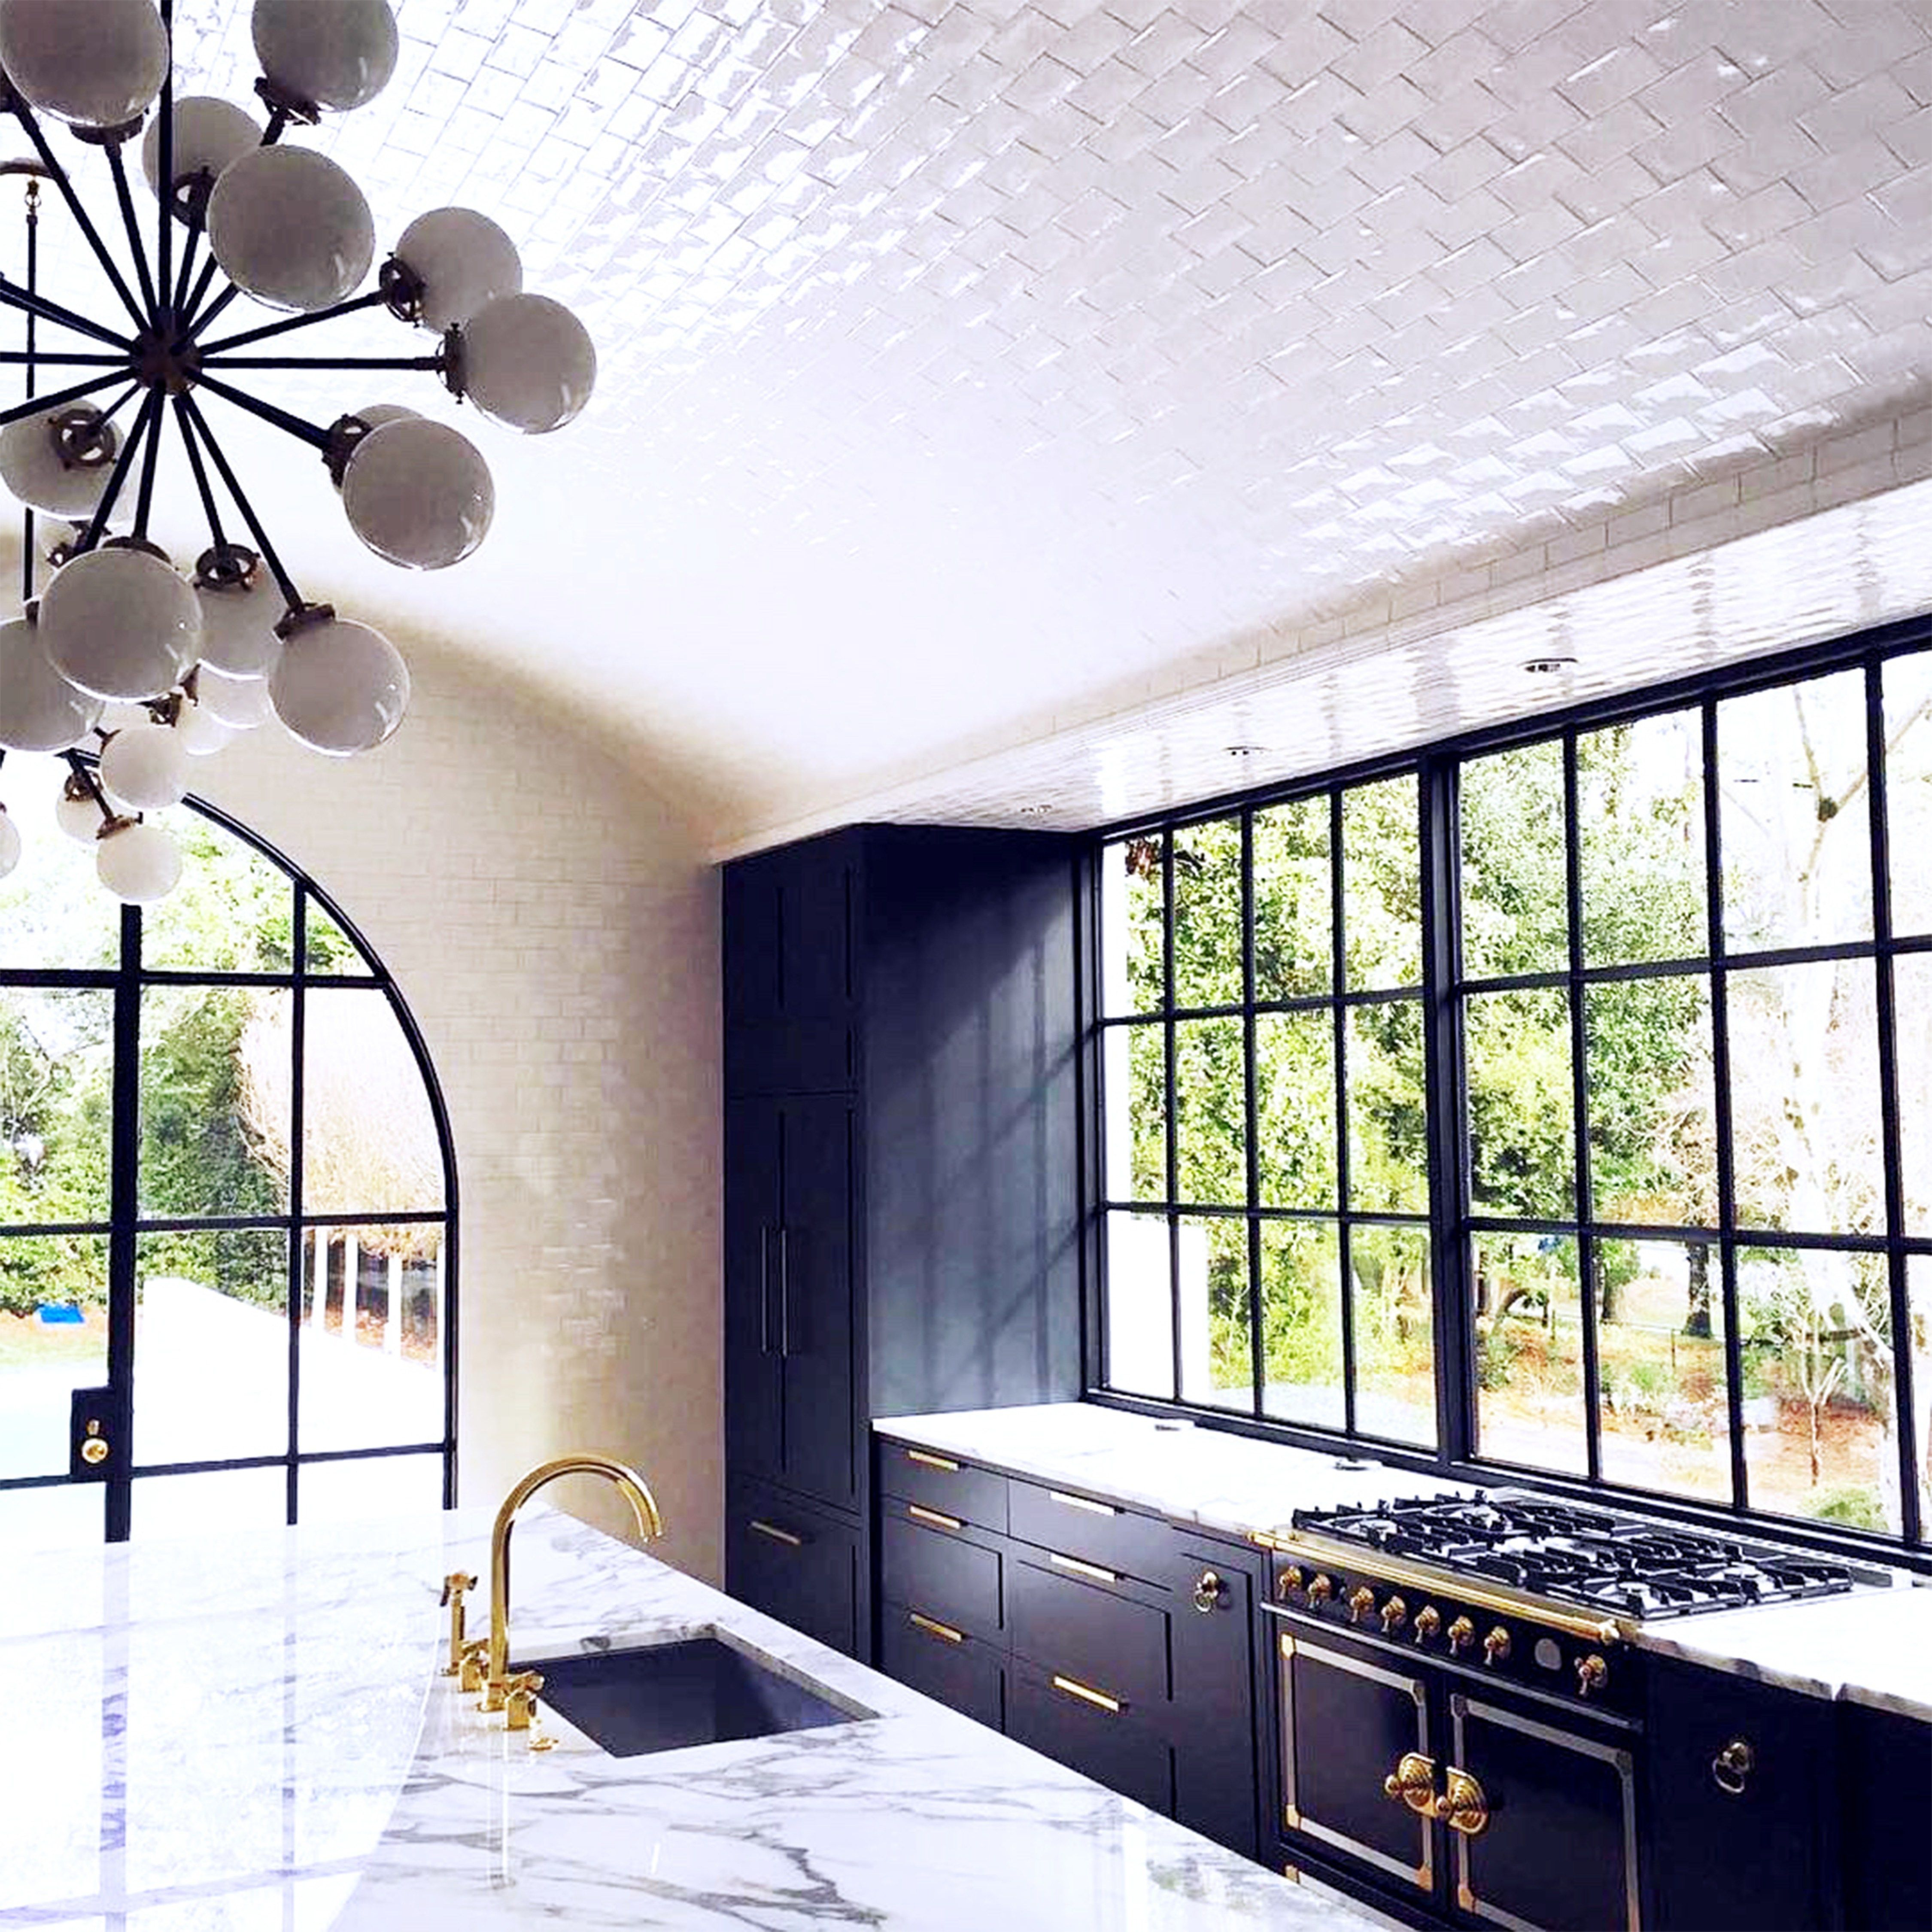 Tile Ceilings Are Taking Over Pinterest Tile Ceiling Design Inspiration